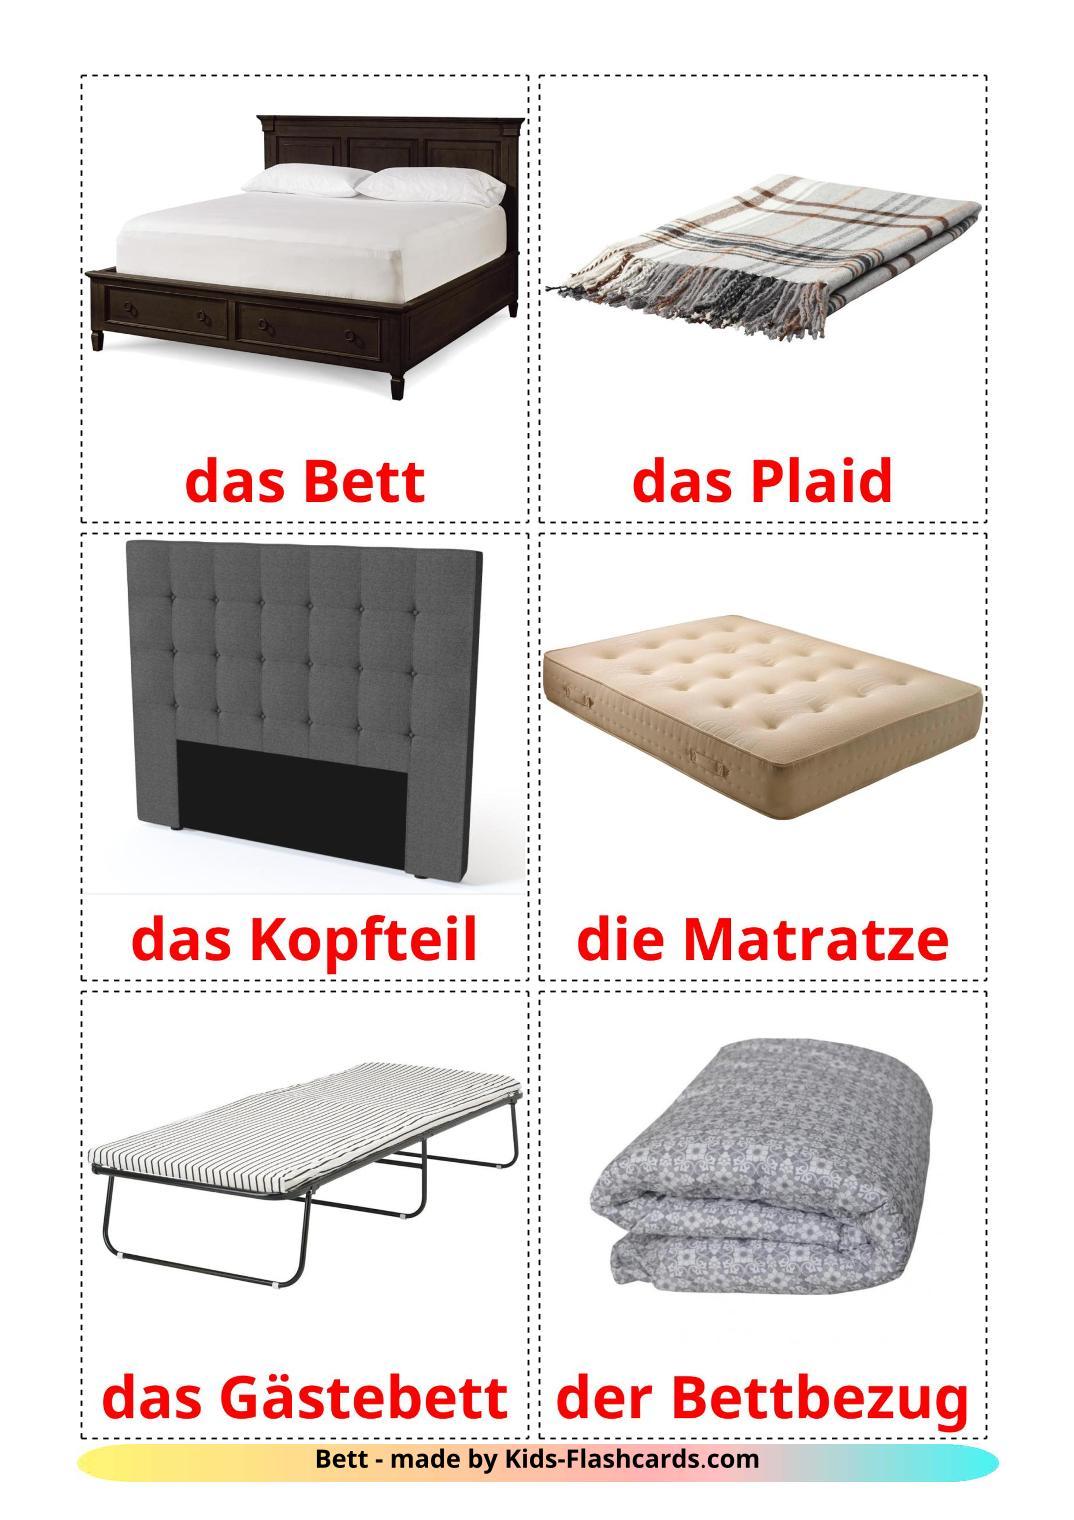 Bed - 15 Free Printable german Flashcards